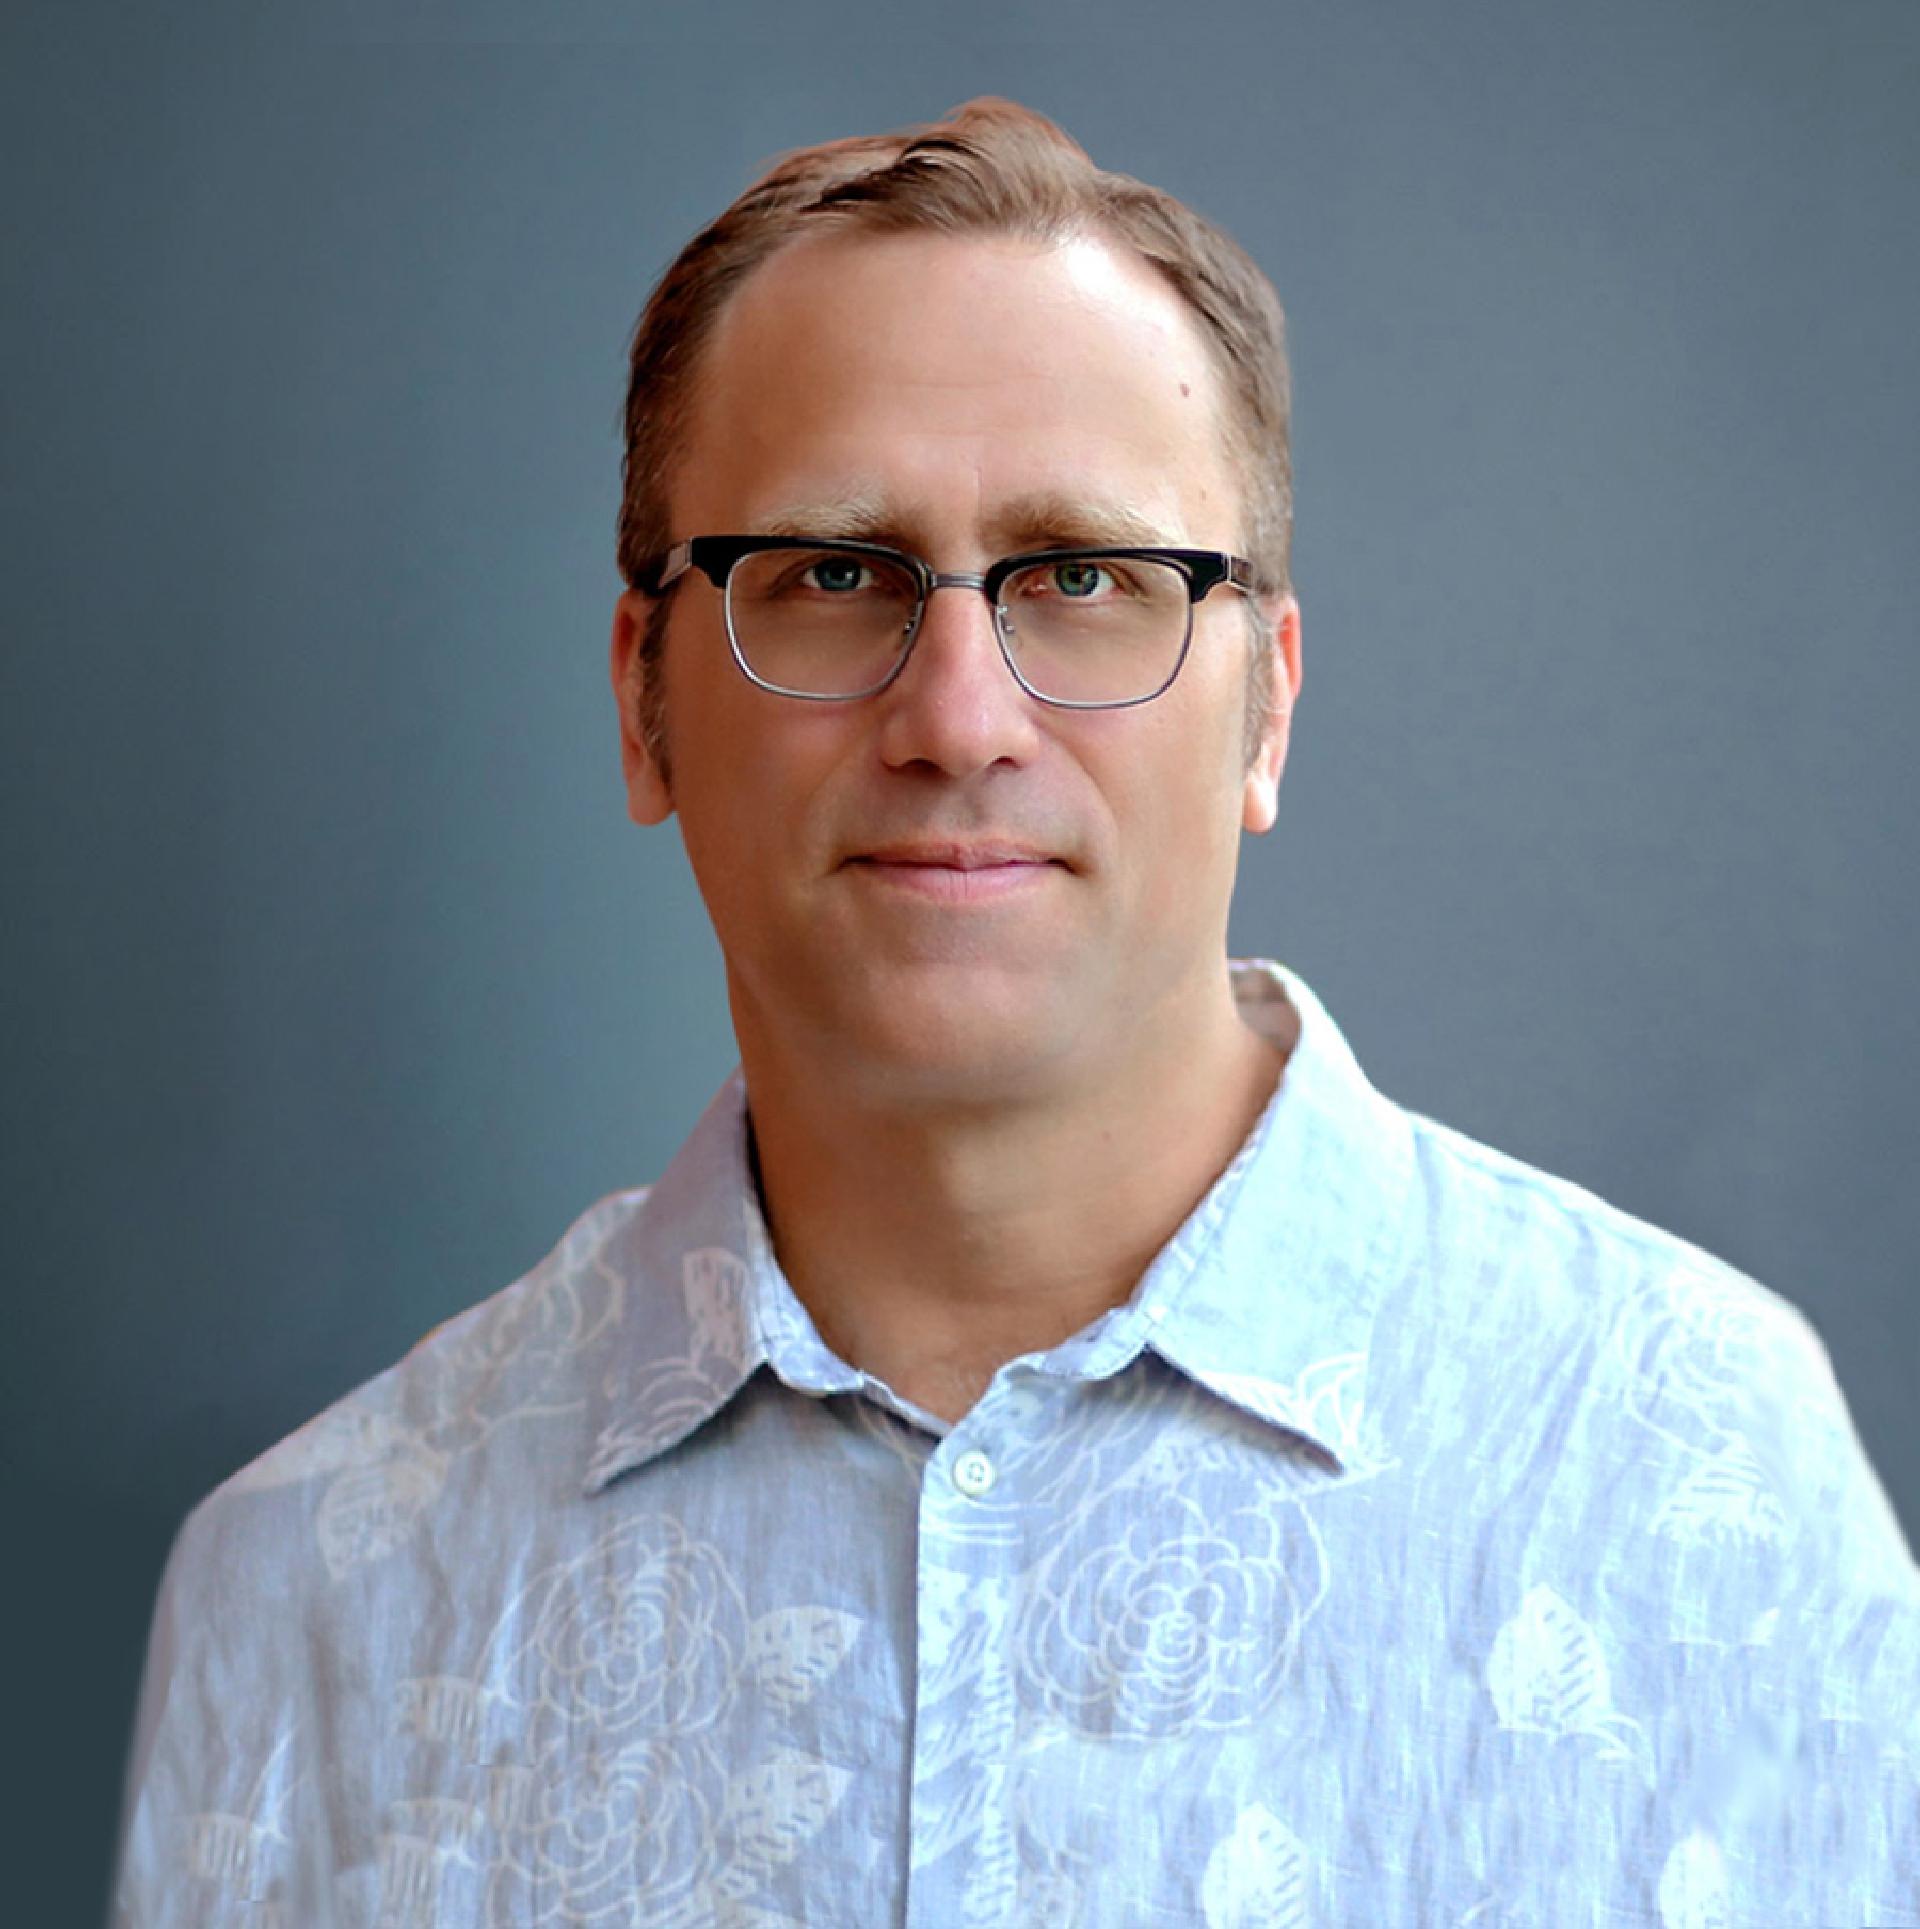 Photo of Mark Frein